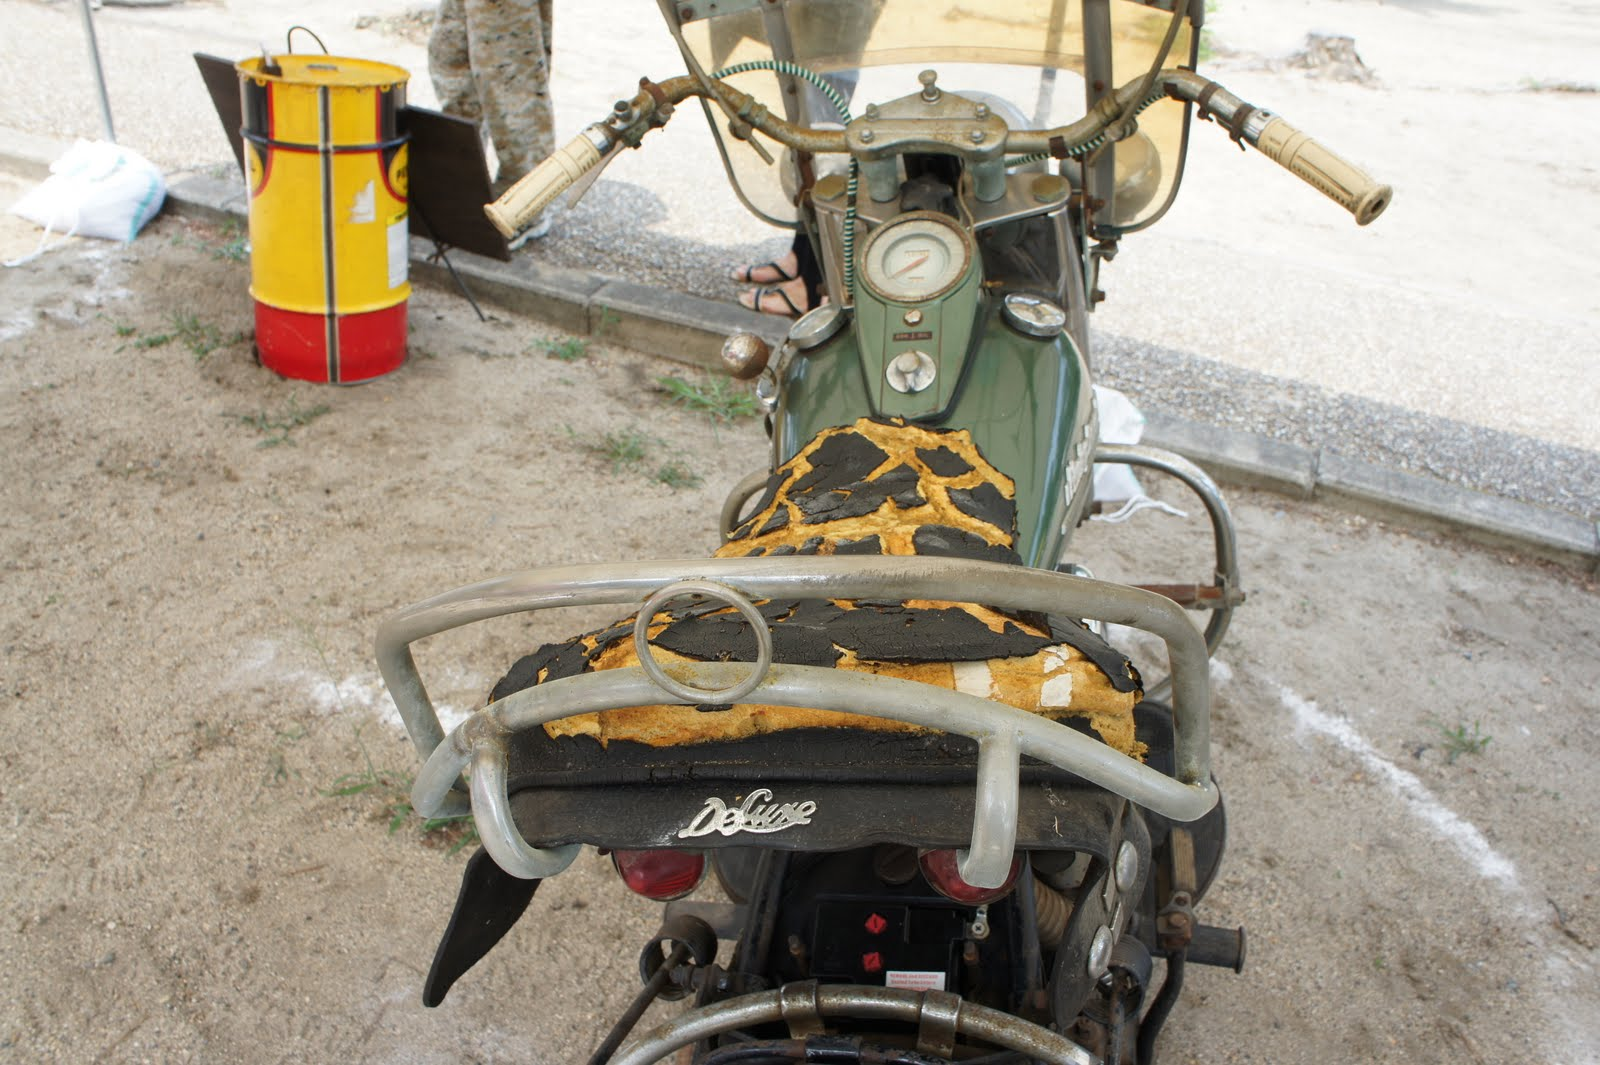 Les vieilles Harley....(ante 84) par Forum Passion-Harley - Page 6 610170DSC00364